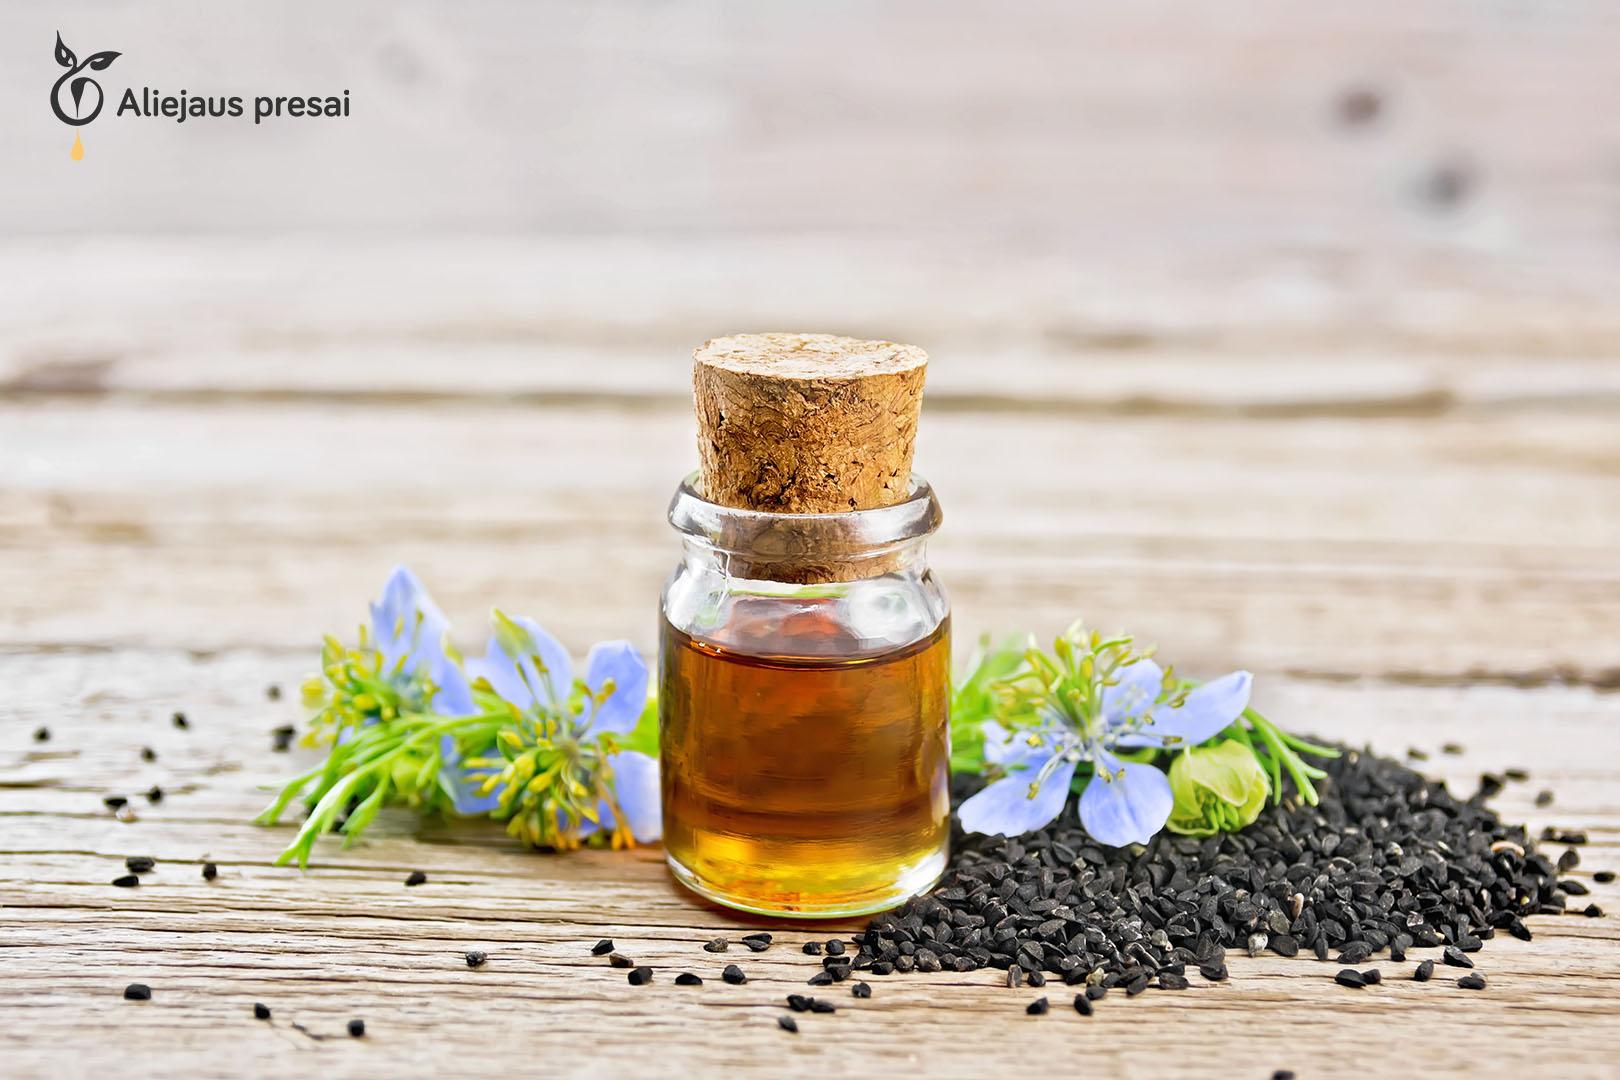 Namų sąlygomis buitiniu aliejaus presu spaudžiamas juodgrūdės sėklų aliejus stiprina sveikatą